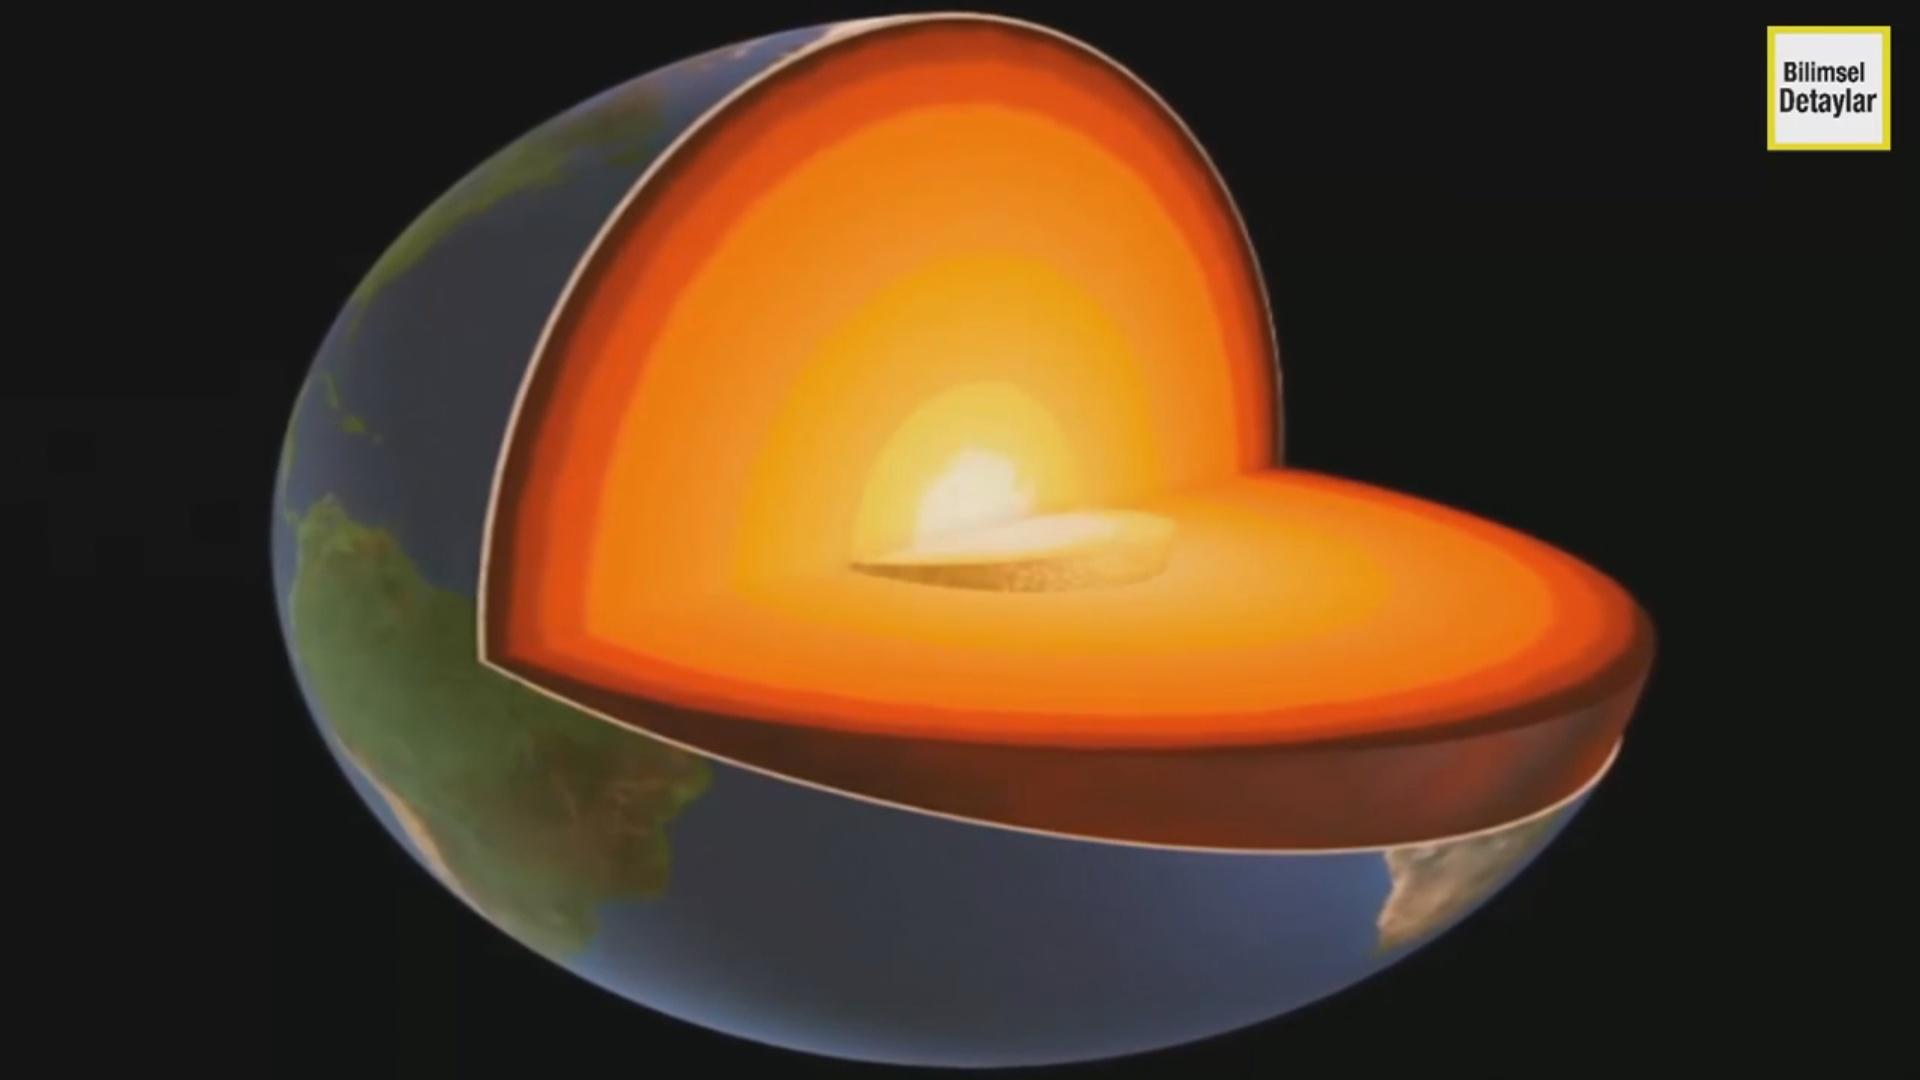 Alimlər bu kəşf ilə planetimizin yaranma müddətini daha  yaxşı anlaya biləcəyimizi qeyd ediblər